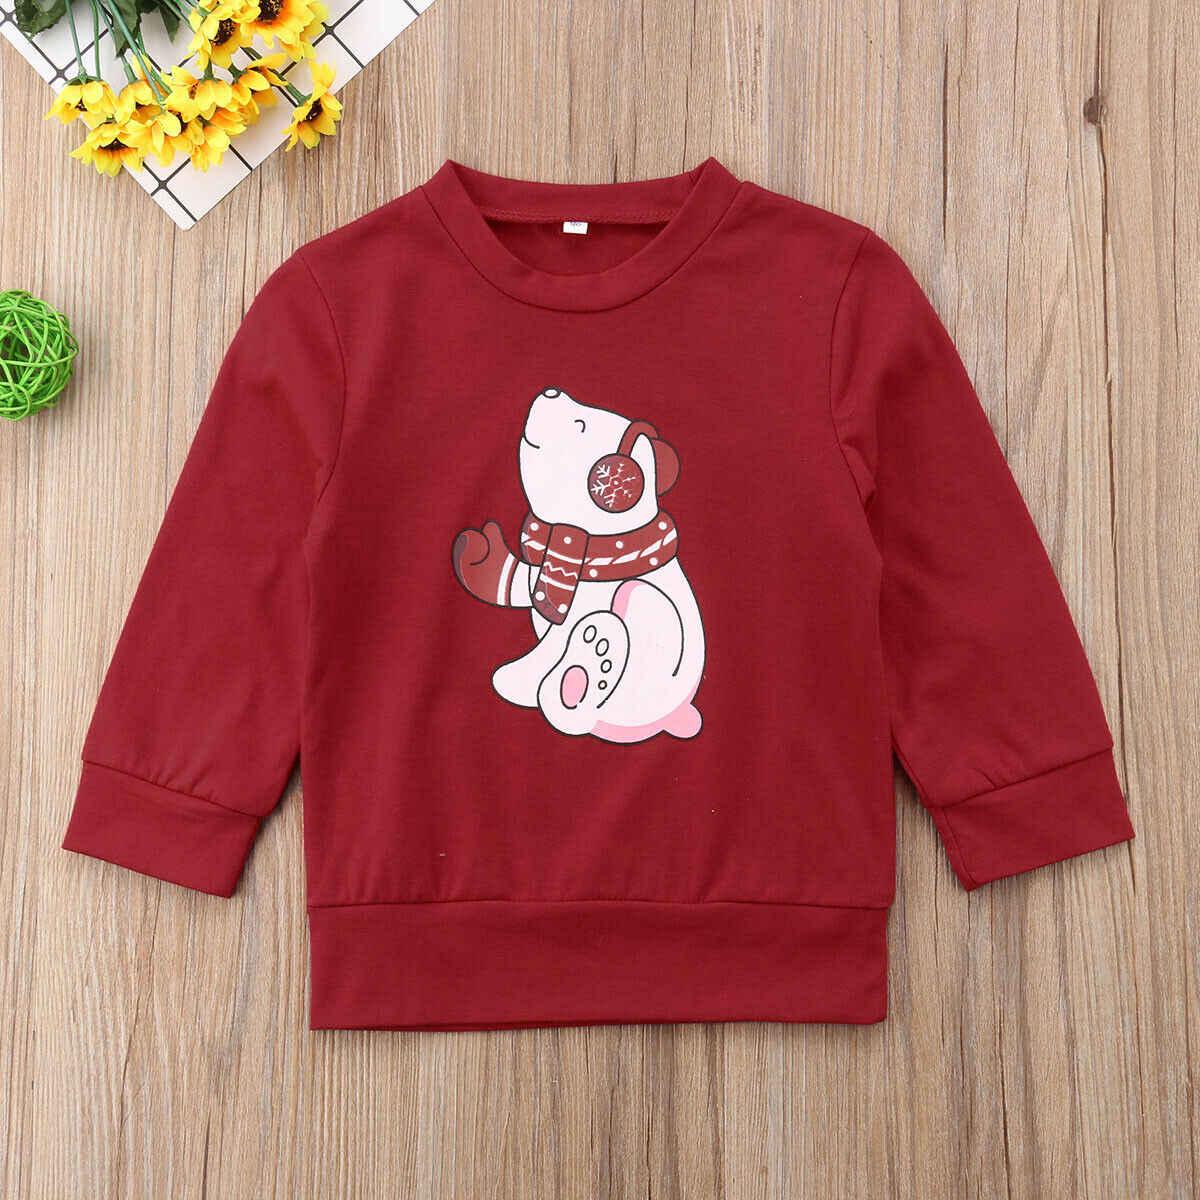 Noel aile eşleştirme kadın erkek çocuklar kazak Hoodies kazak Xmas Santa kırmızı uzun kollu sonbahar kış üst t-shirt